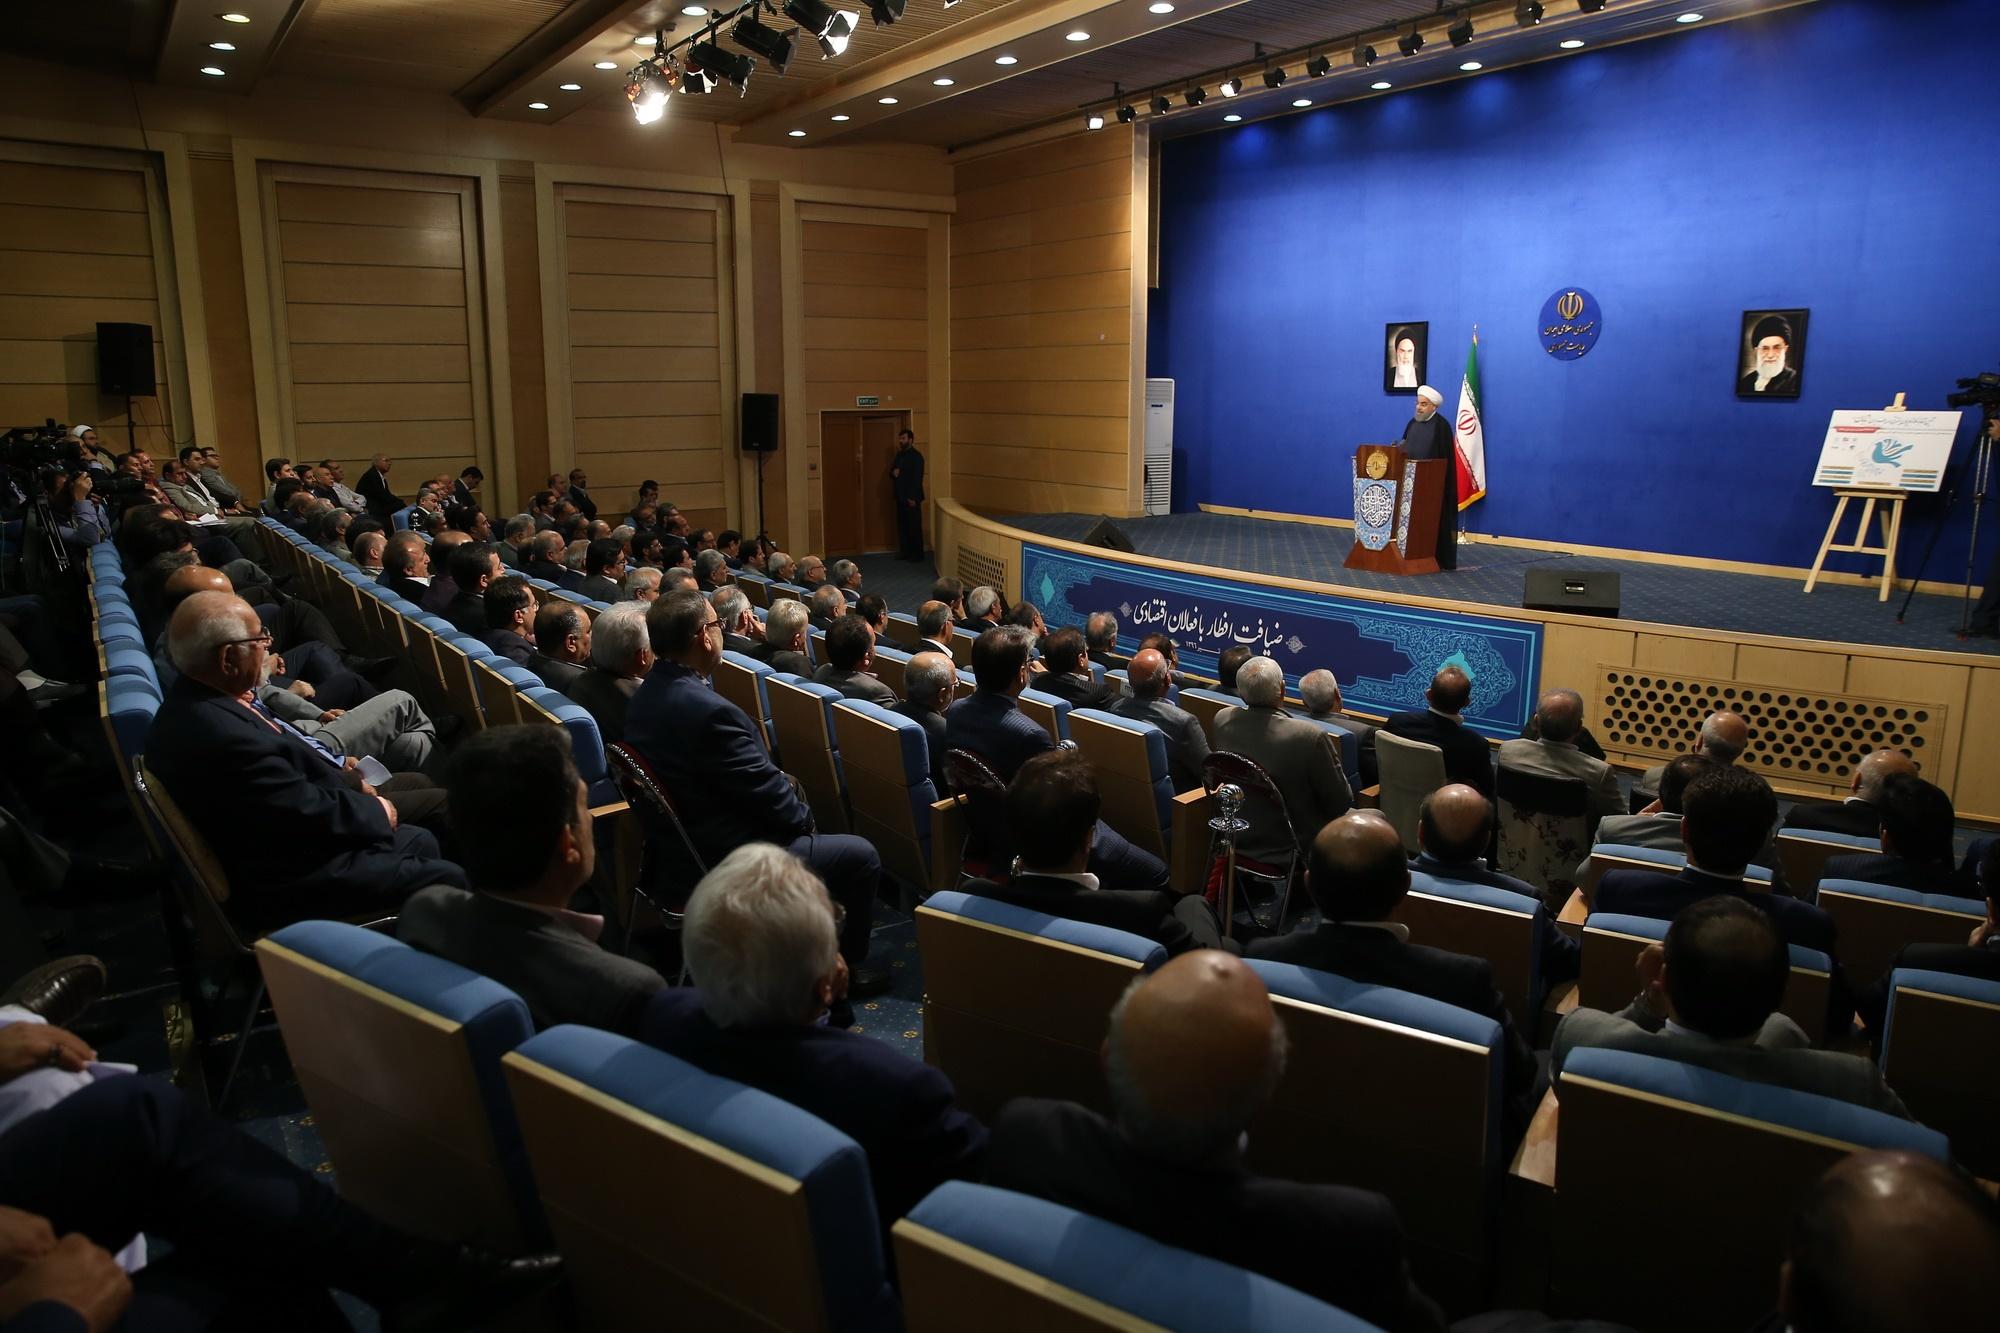 روحانی: اقتصاد را به دولتی دادیم که هم تفنگ دارد، هم رسانه